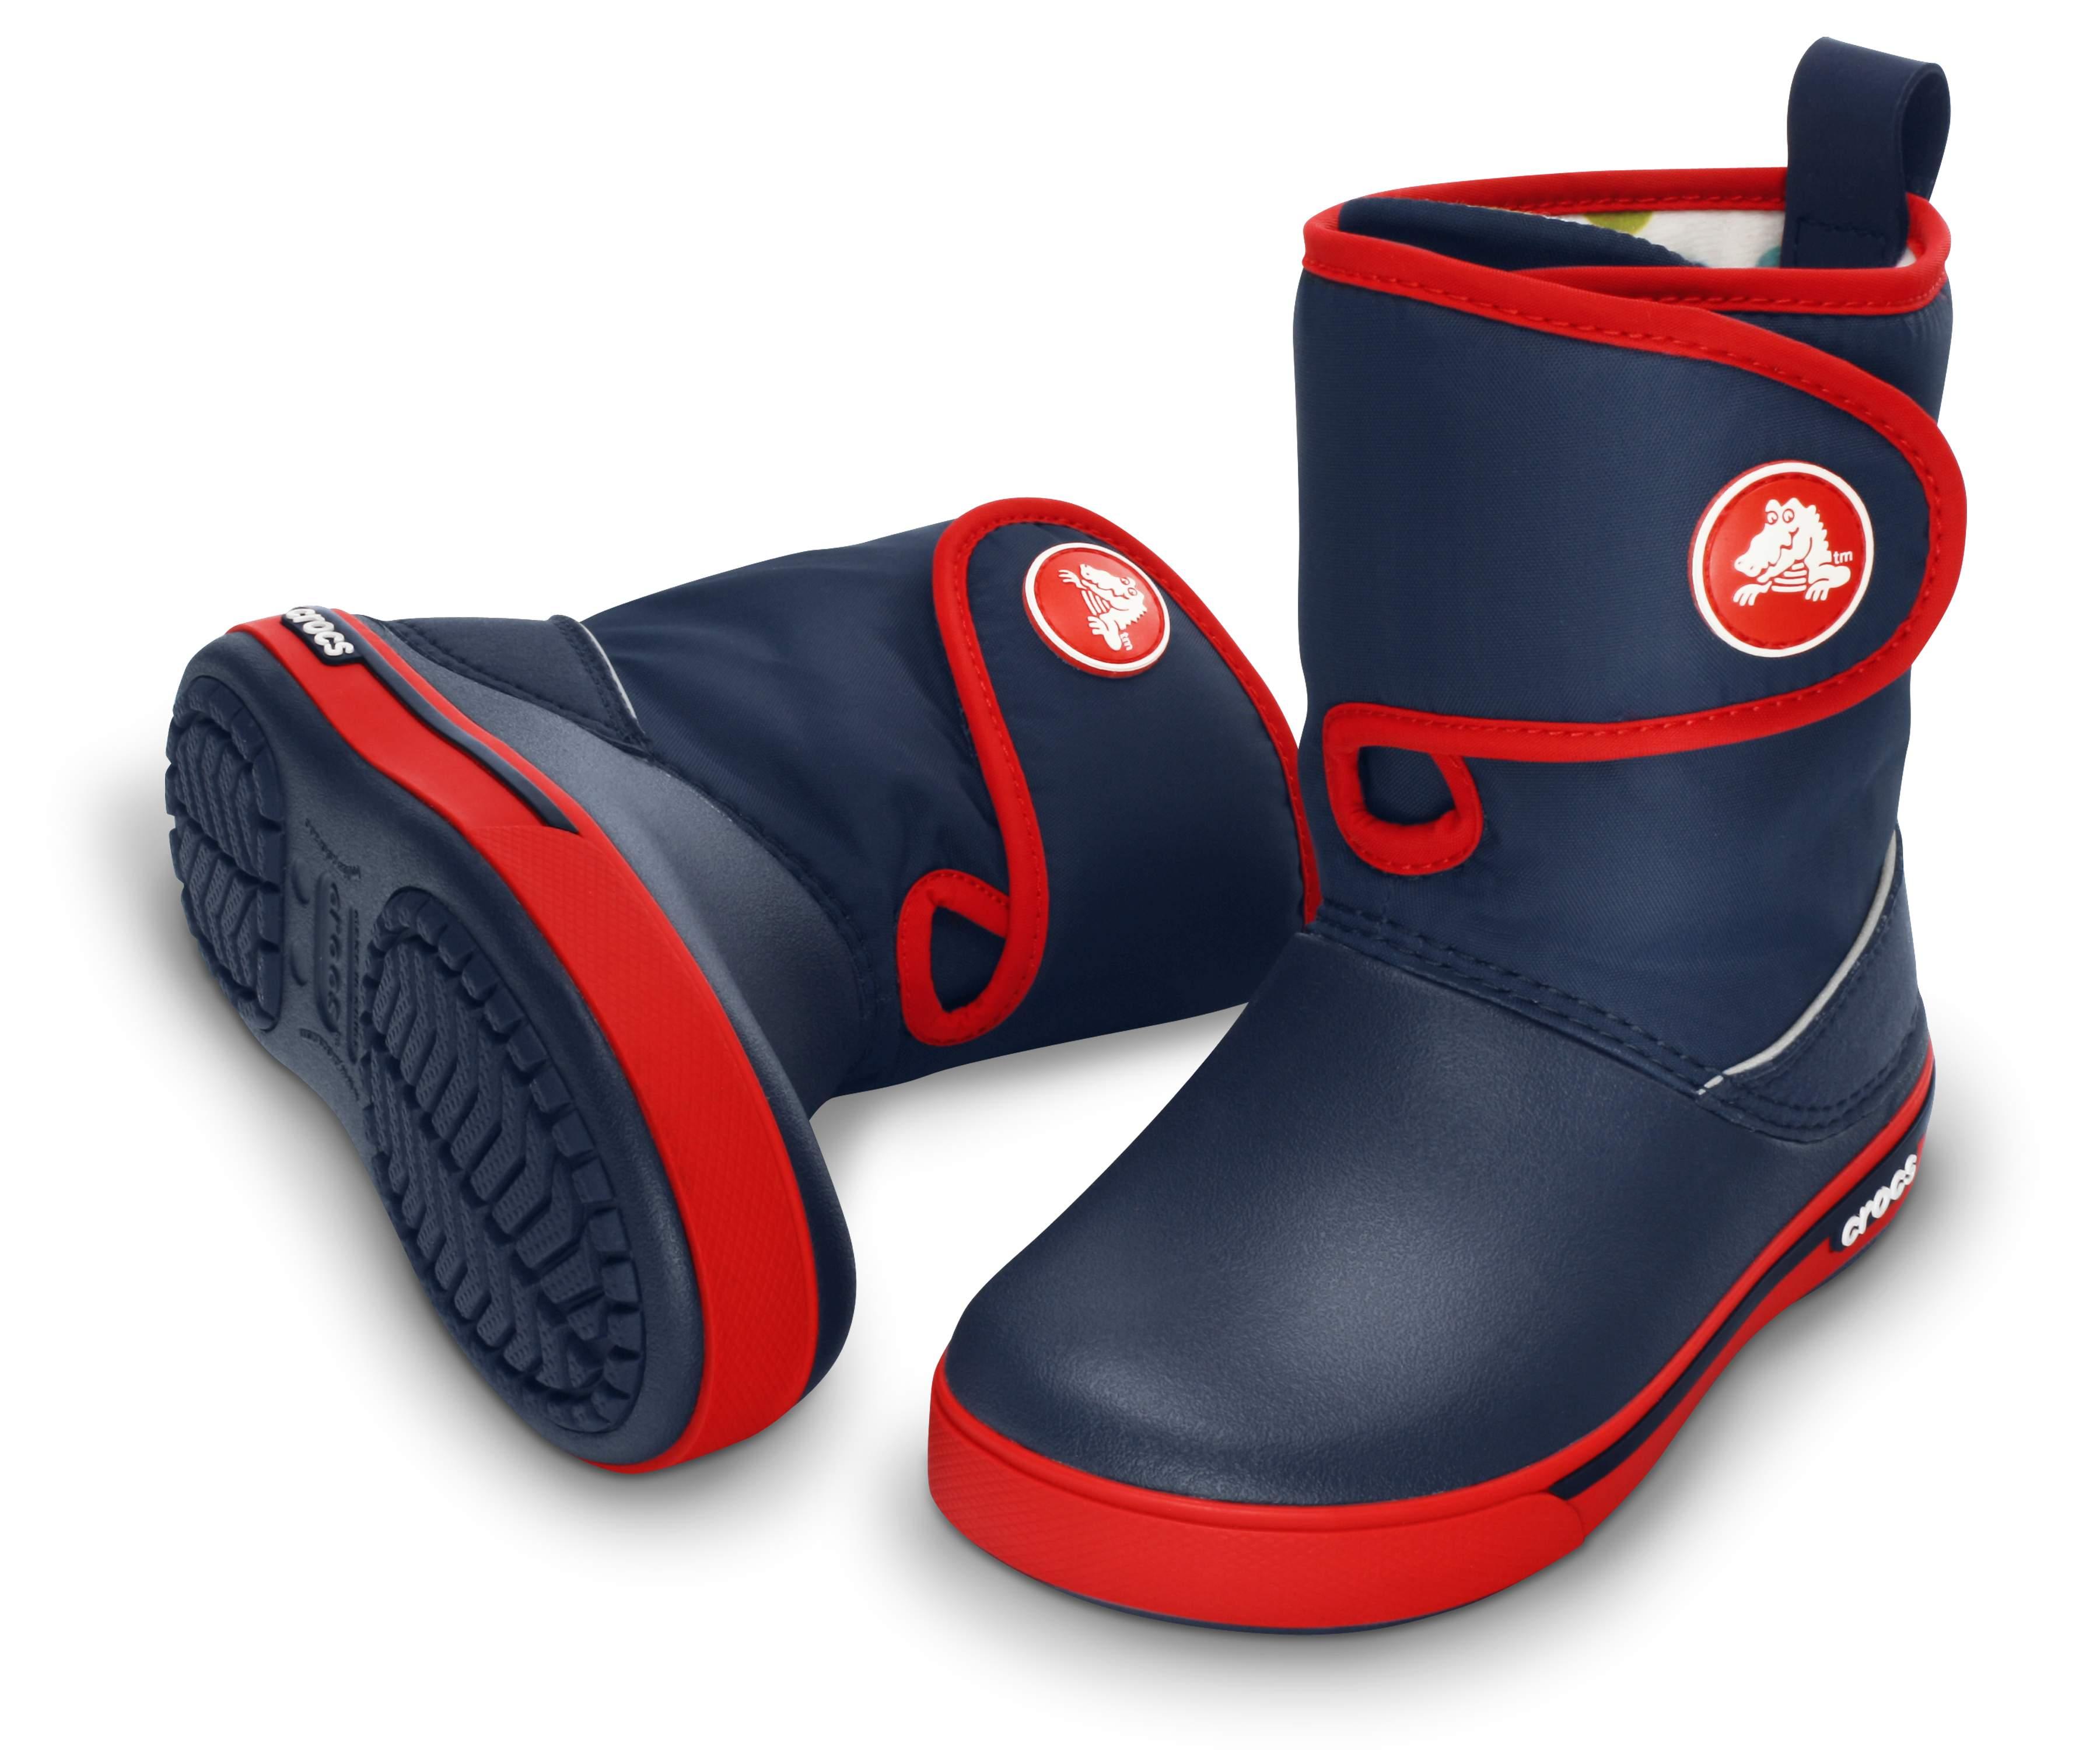 【クロックス公式】 クロックバンド 2.5 ガストブーツ キッズ Kids' Crocband II.5 Gust Boot ユニセックス、キッズ、子供用、男の子、女の子、男女兼用 ブルー/青 15.5cm,17.5cm,18cm,18.5cm,19cm,19.5cm,20cm,21cm boot ブーツ